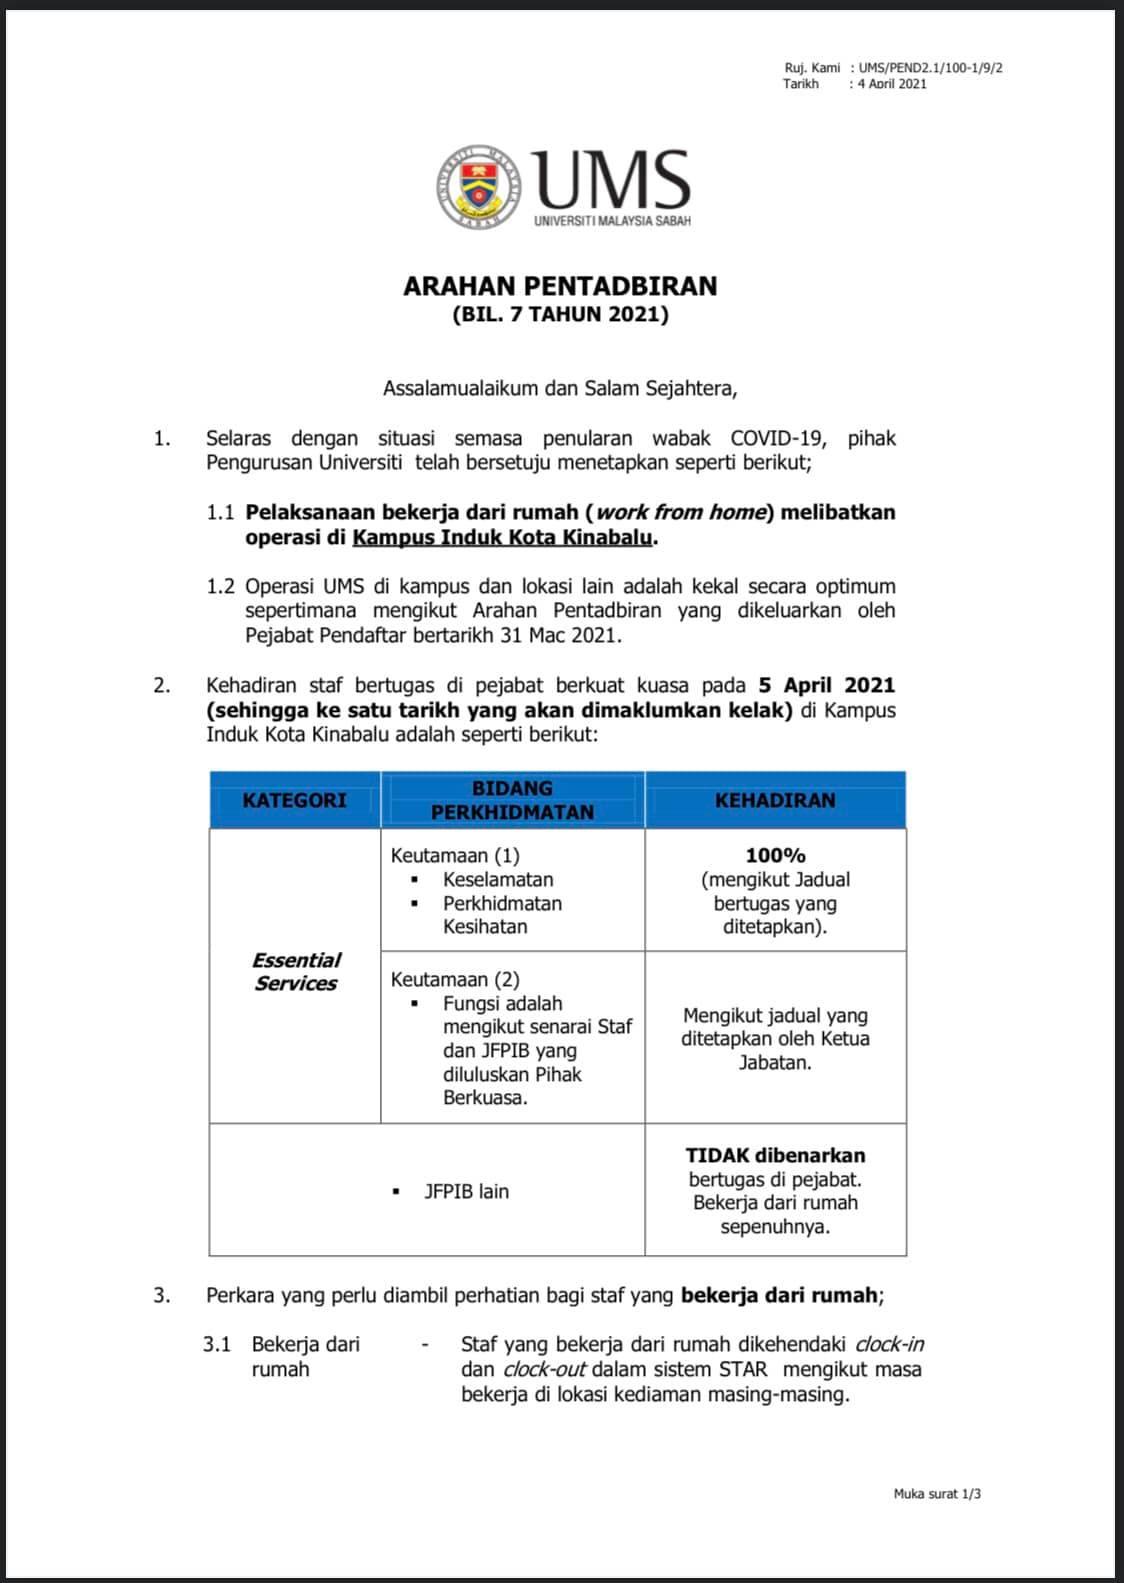 Pemakluman Terkini Peratusan Kehadiran Kakitangan Universiti Malaysia Sabah (Kampus Induk Kota Kinabalu)